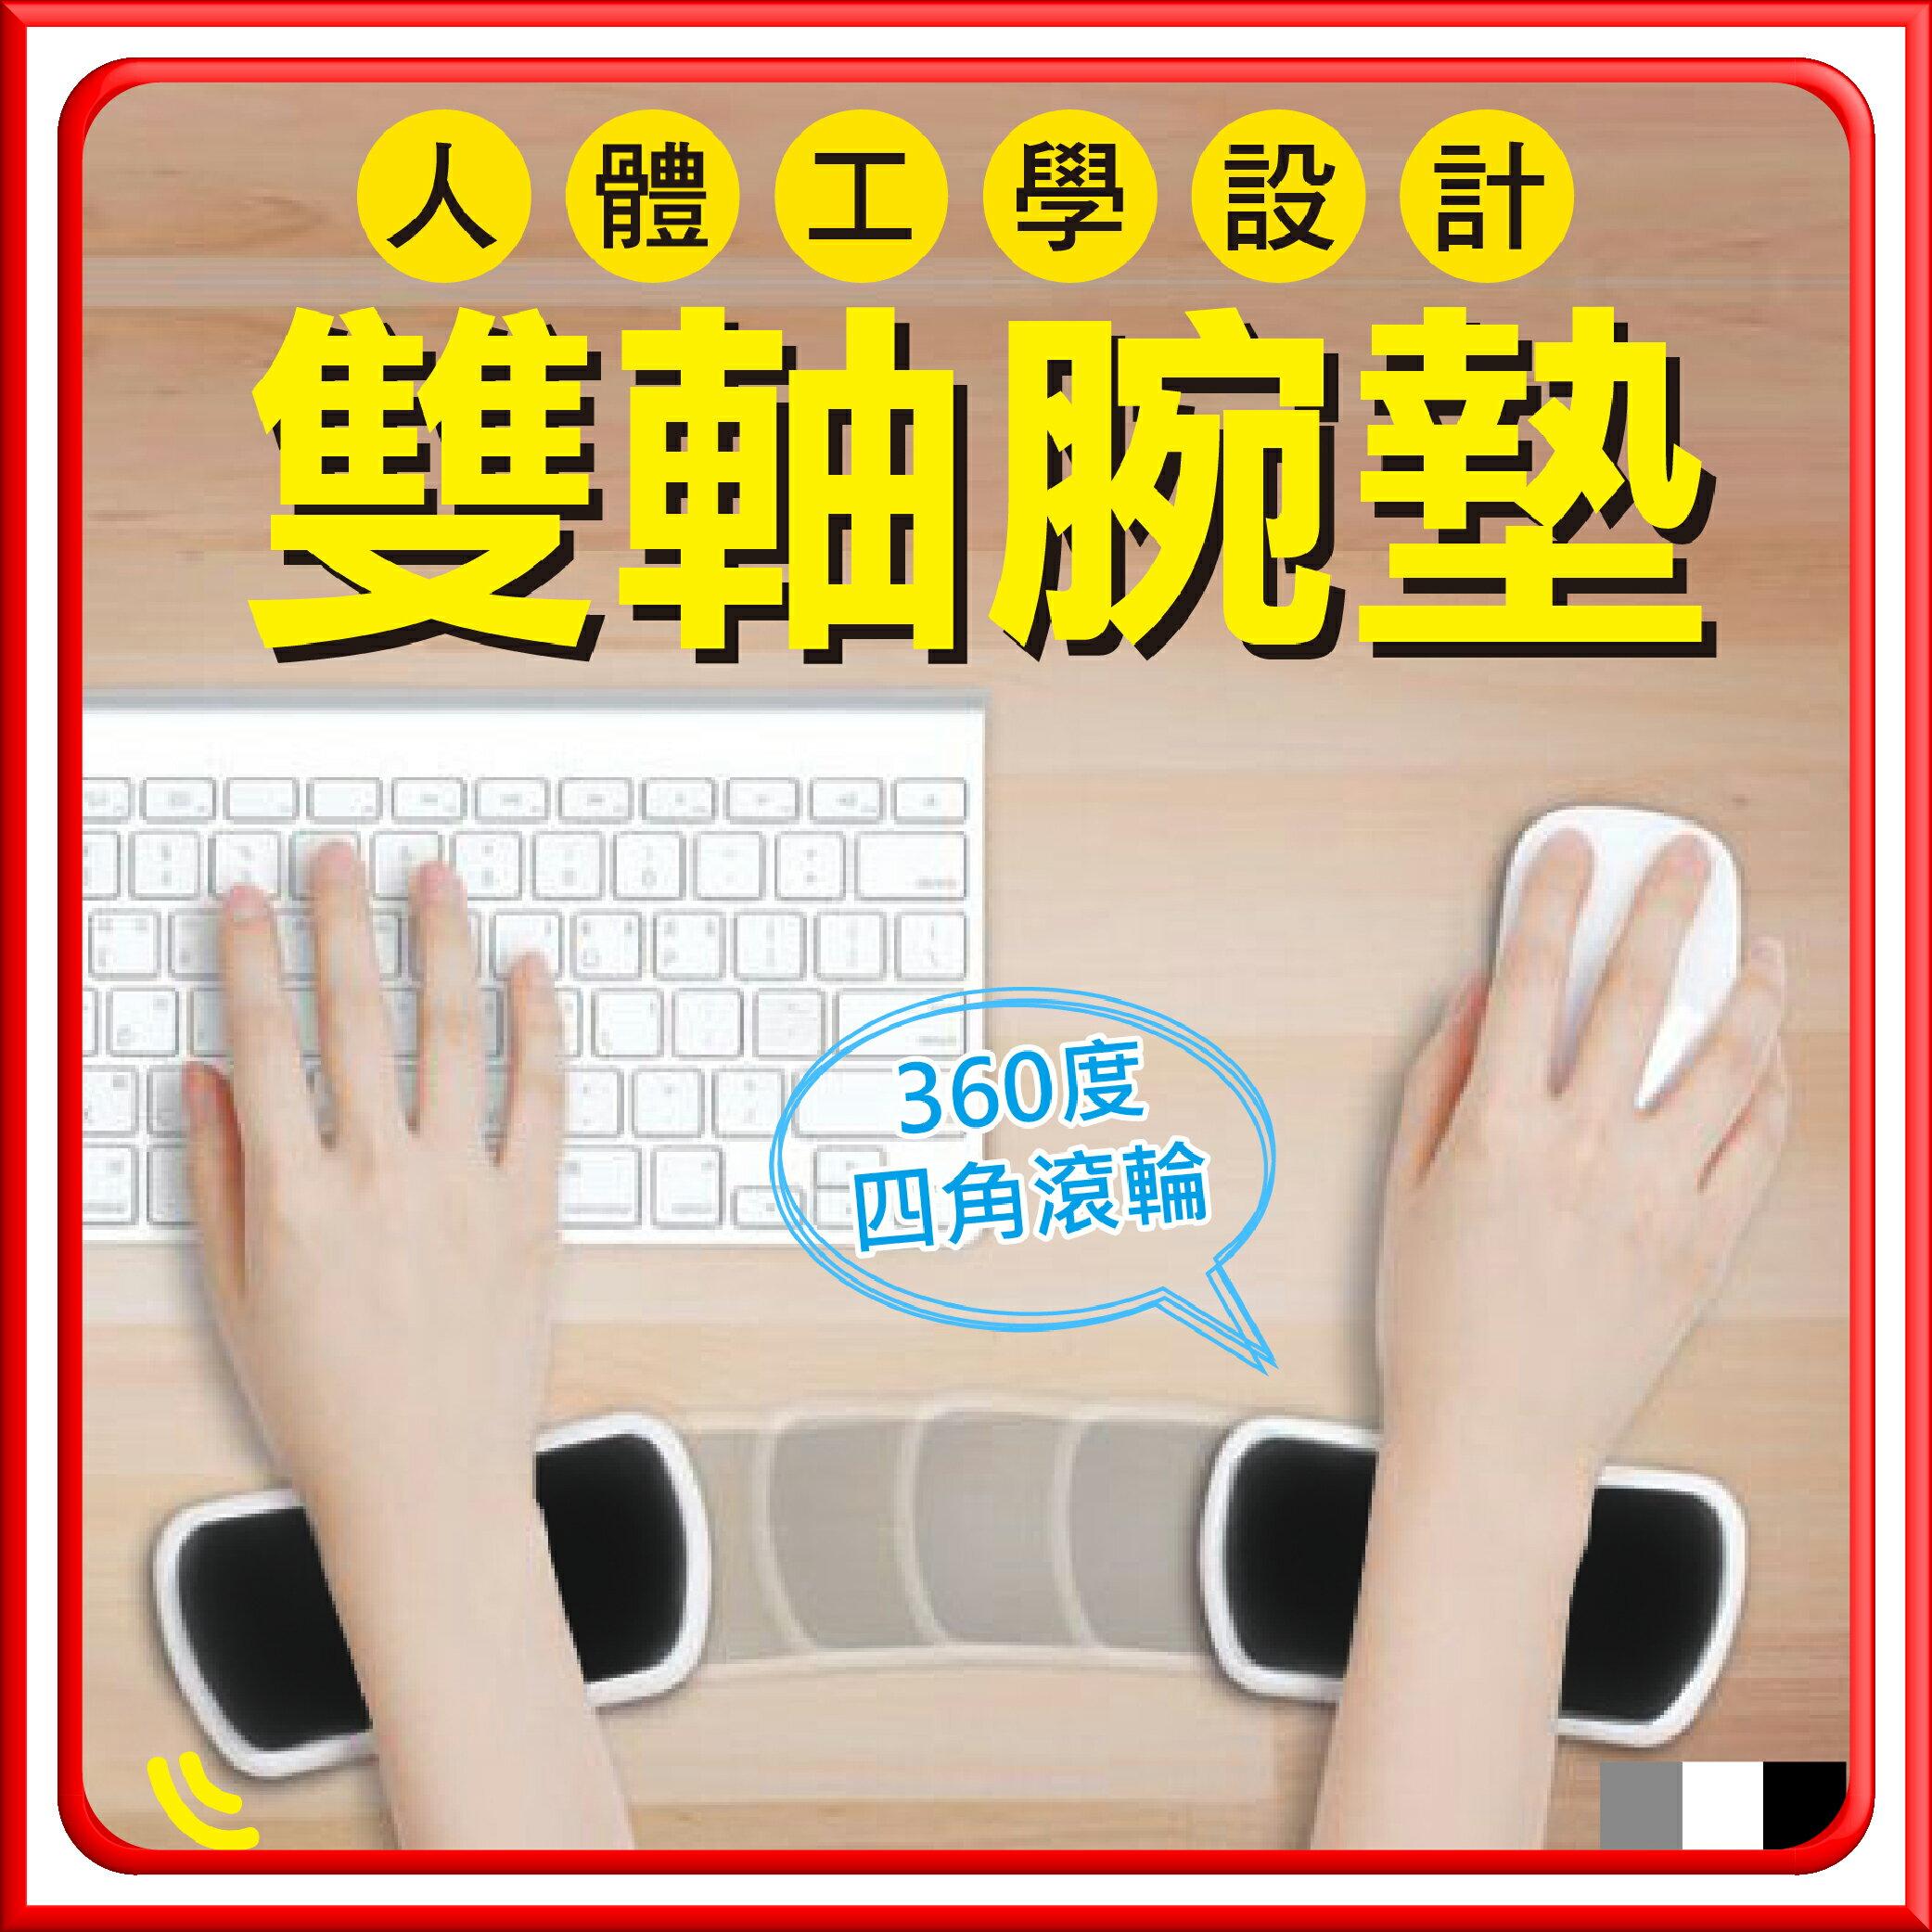 【手腕救星】雙軸腕墊 手腕托手枕 人體工學設計 移動滑鼠墊 滑鼠墊 腕墊護腕記憶棉電競 lol【DE331】